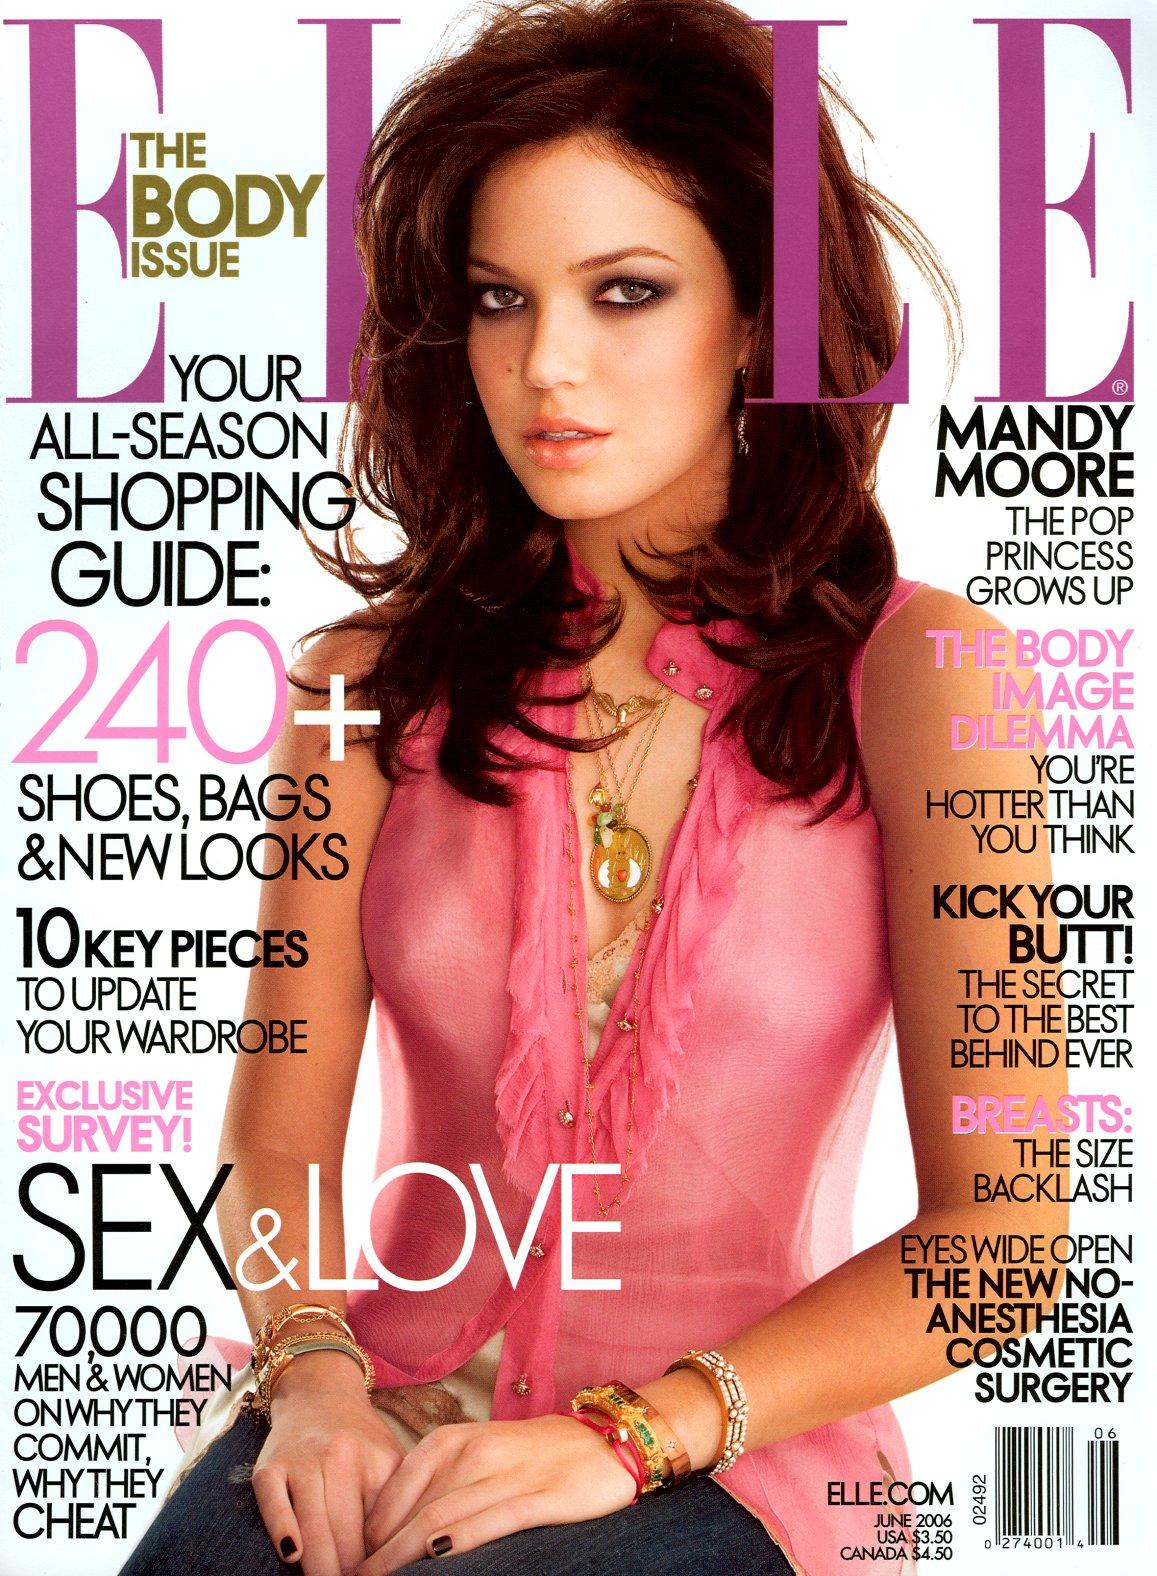 http://2.bp.blogspot.com/_GCAuqodmOE4/TRJnKCd8wjI/AAAAAAAAF6Q/HQ_dRSKcVu0/s1600/Sexiest+Mandy+Moore++%25286%2529.jpg